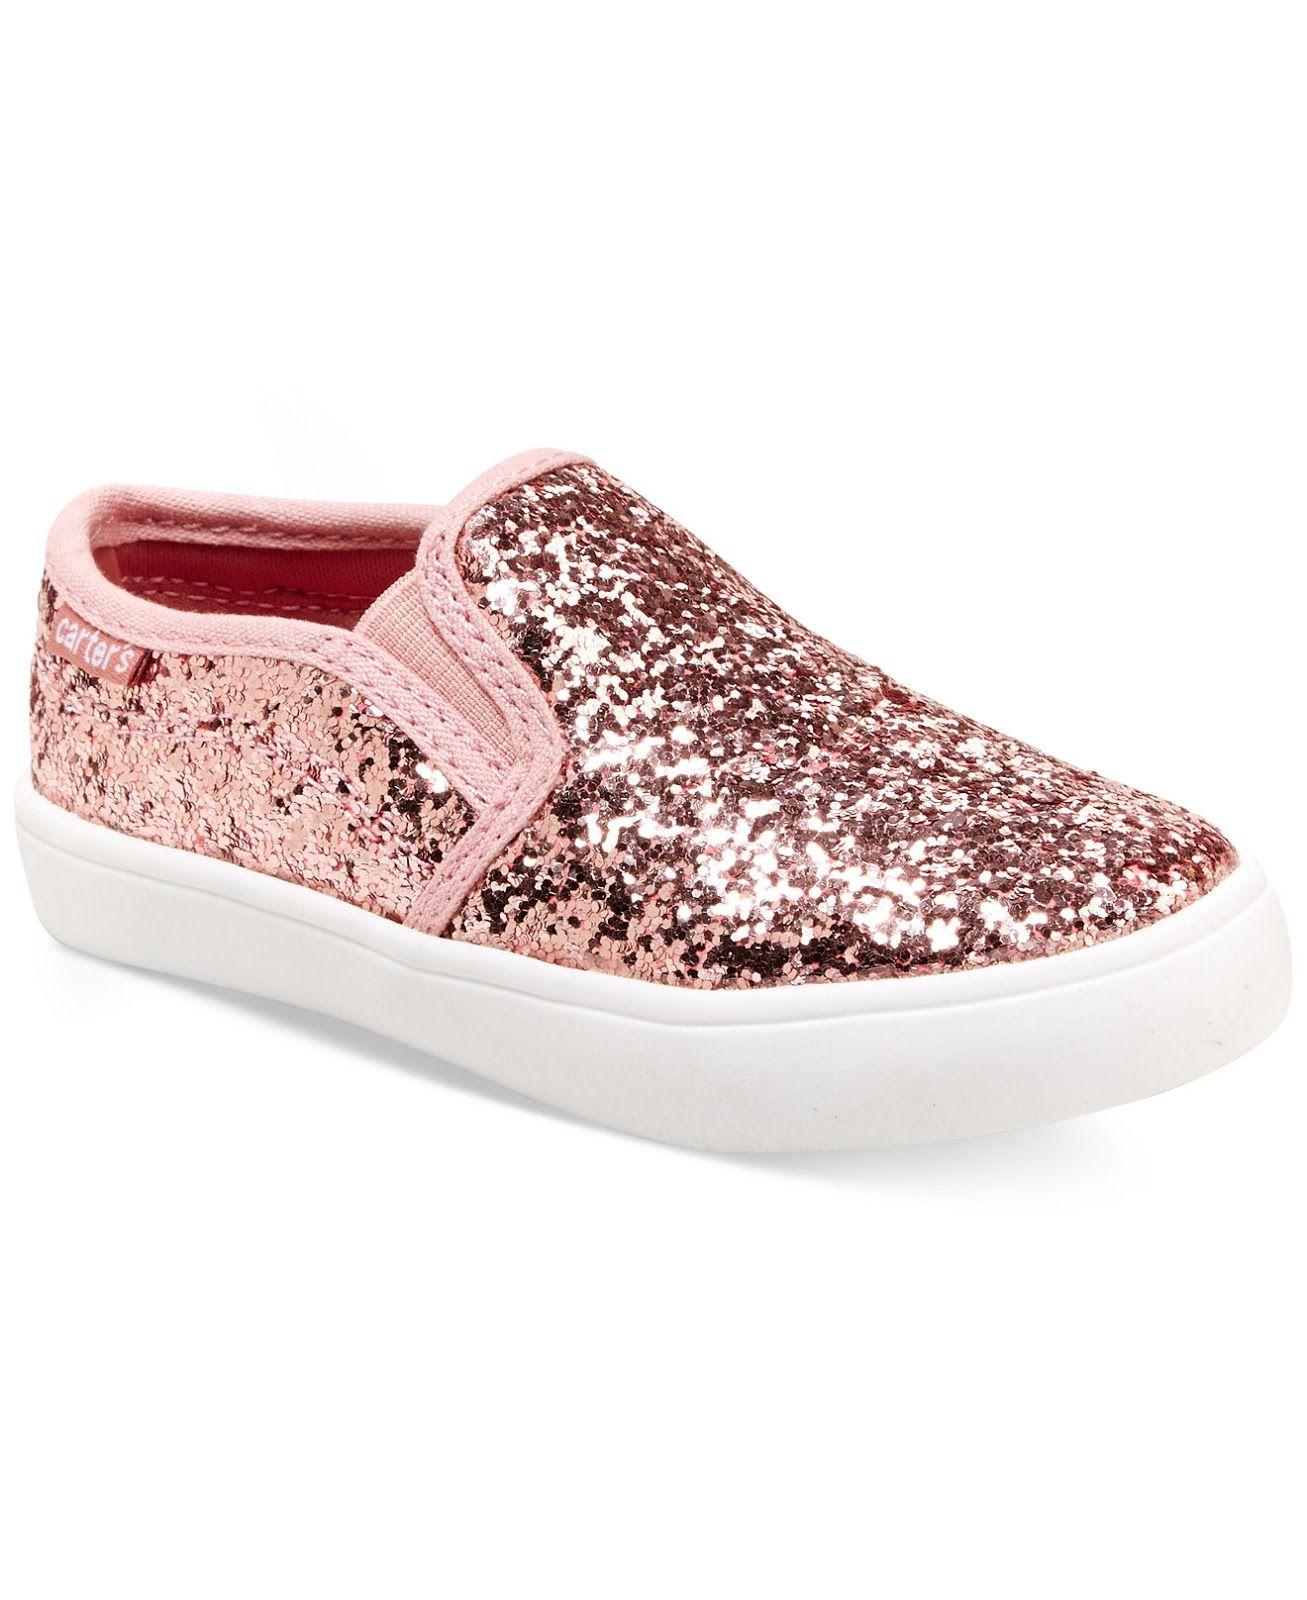 883a677fa86 Resultado de imagen para zapatos para niñas